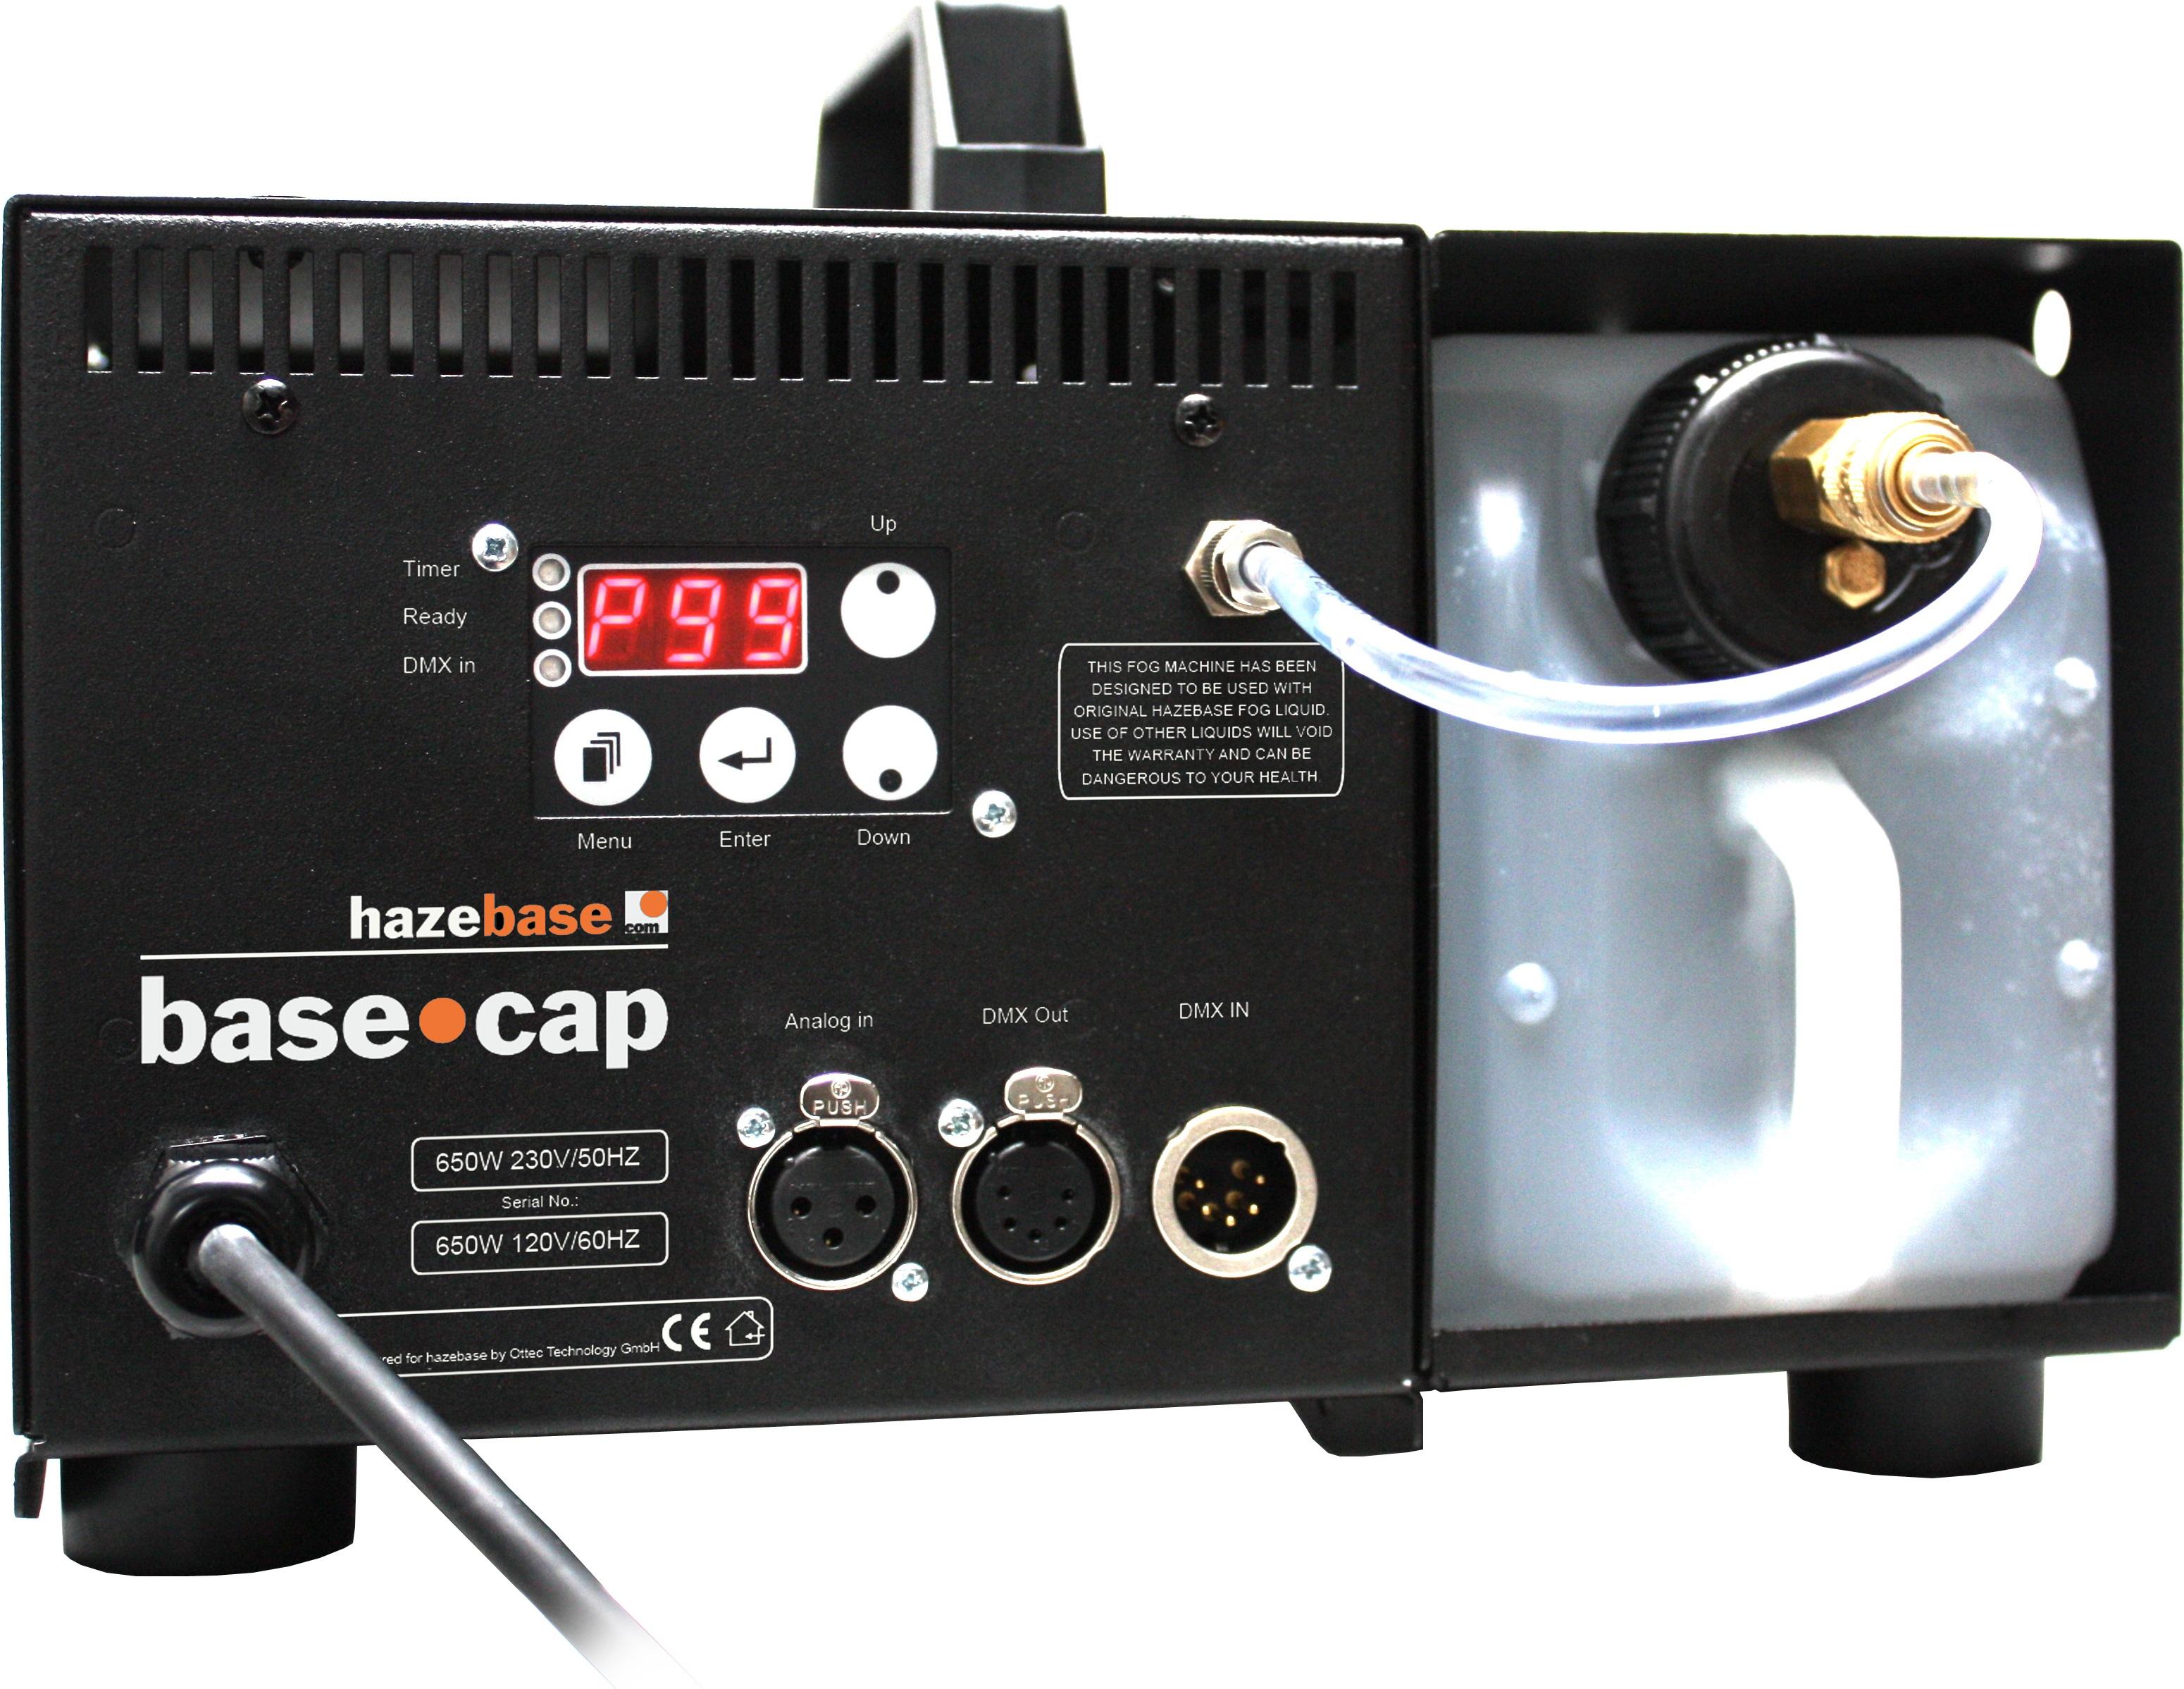 Fotografie HAZEBASE Base CAP